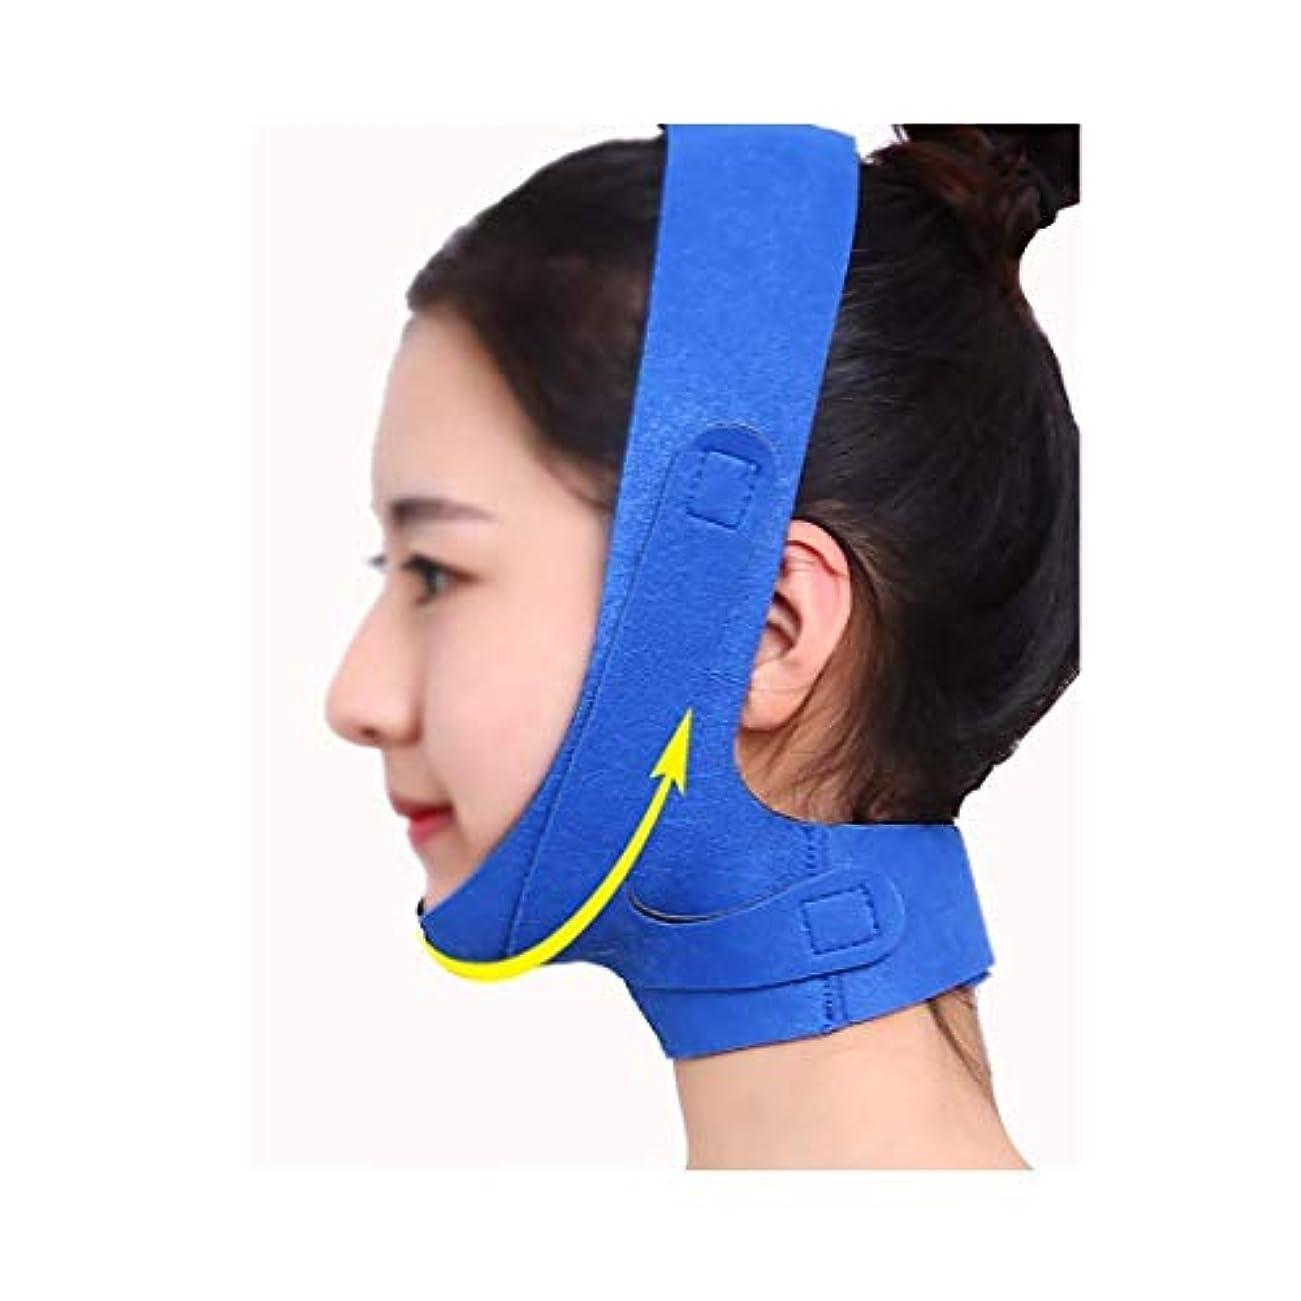 トロリー普通の取るフェイスリフトマスク、あごストラップ回復包帯睡眠薄いフェイスバンデージ薄いフェイスマスクフェイスリフトアーティファクトフェイスリフト美容マスク包帯青いフェイスマスクで小さなV顔を強化するには